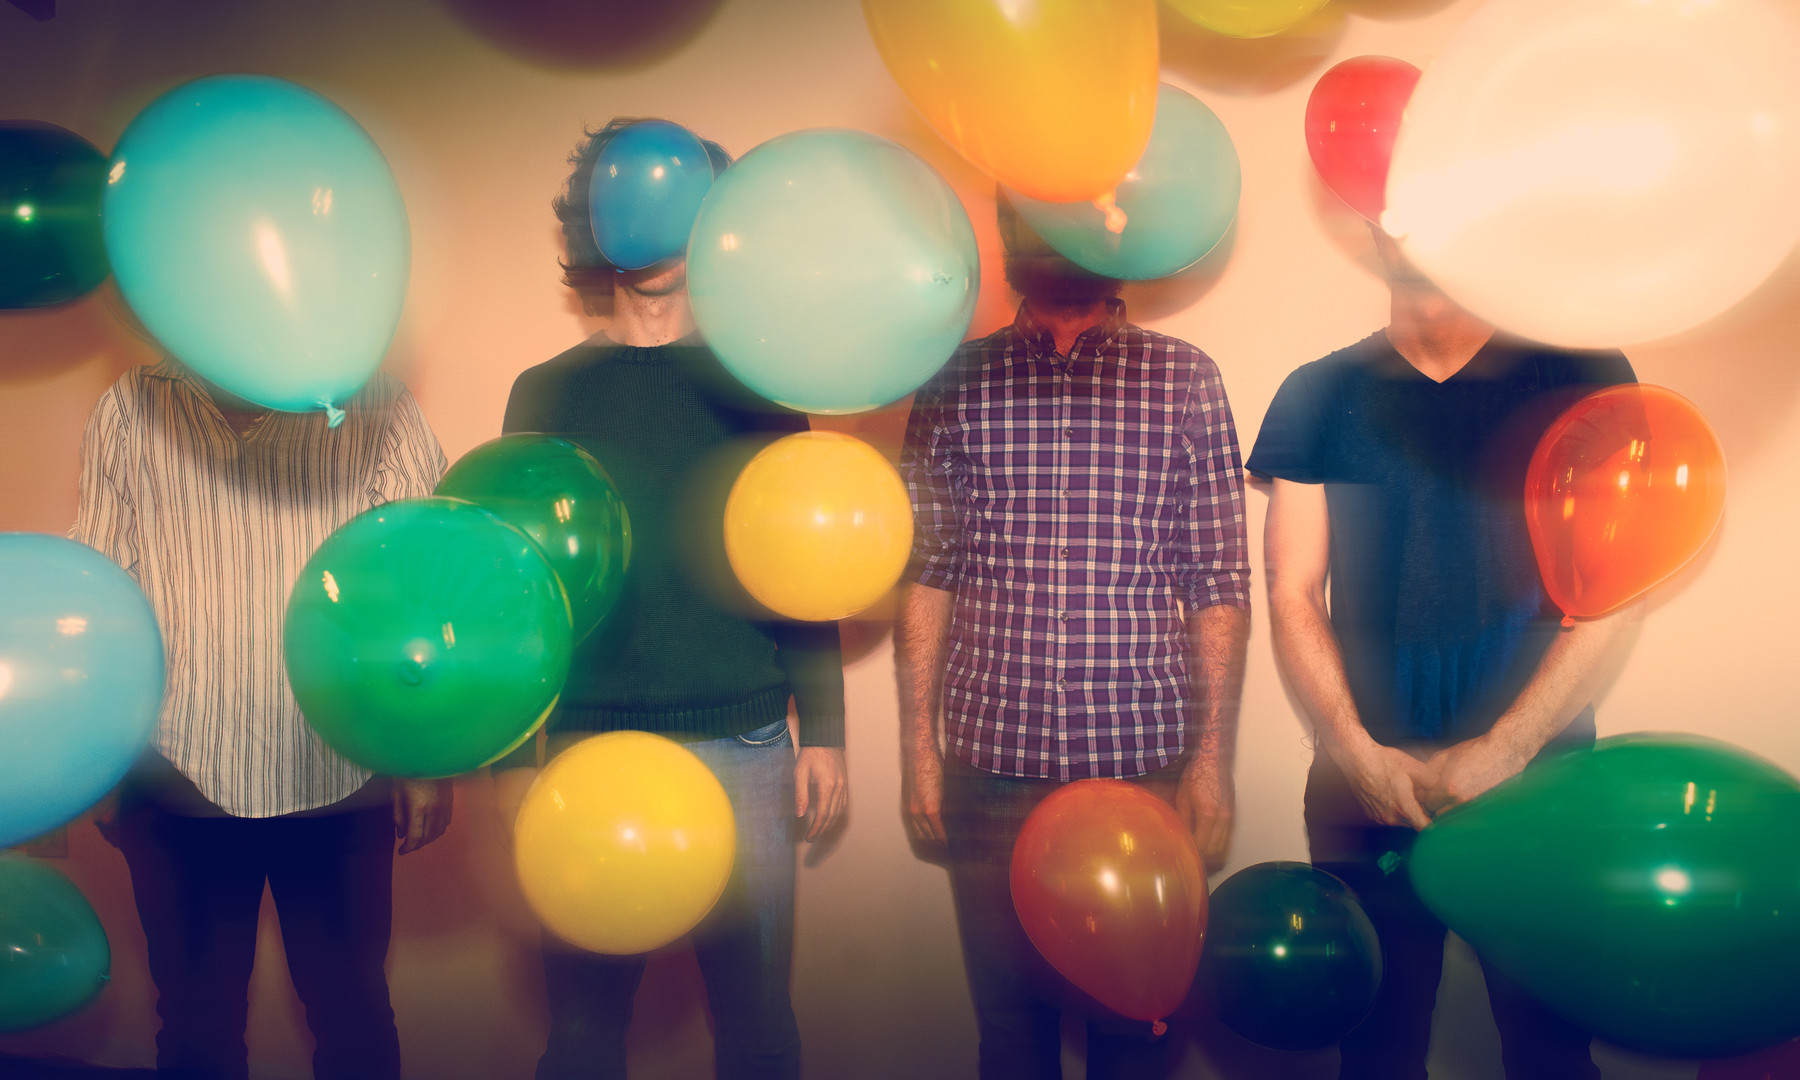 Bittersweet Daydream Music Video